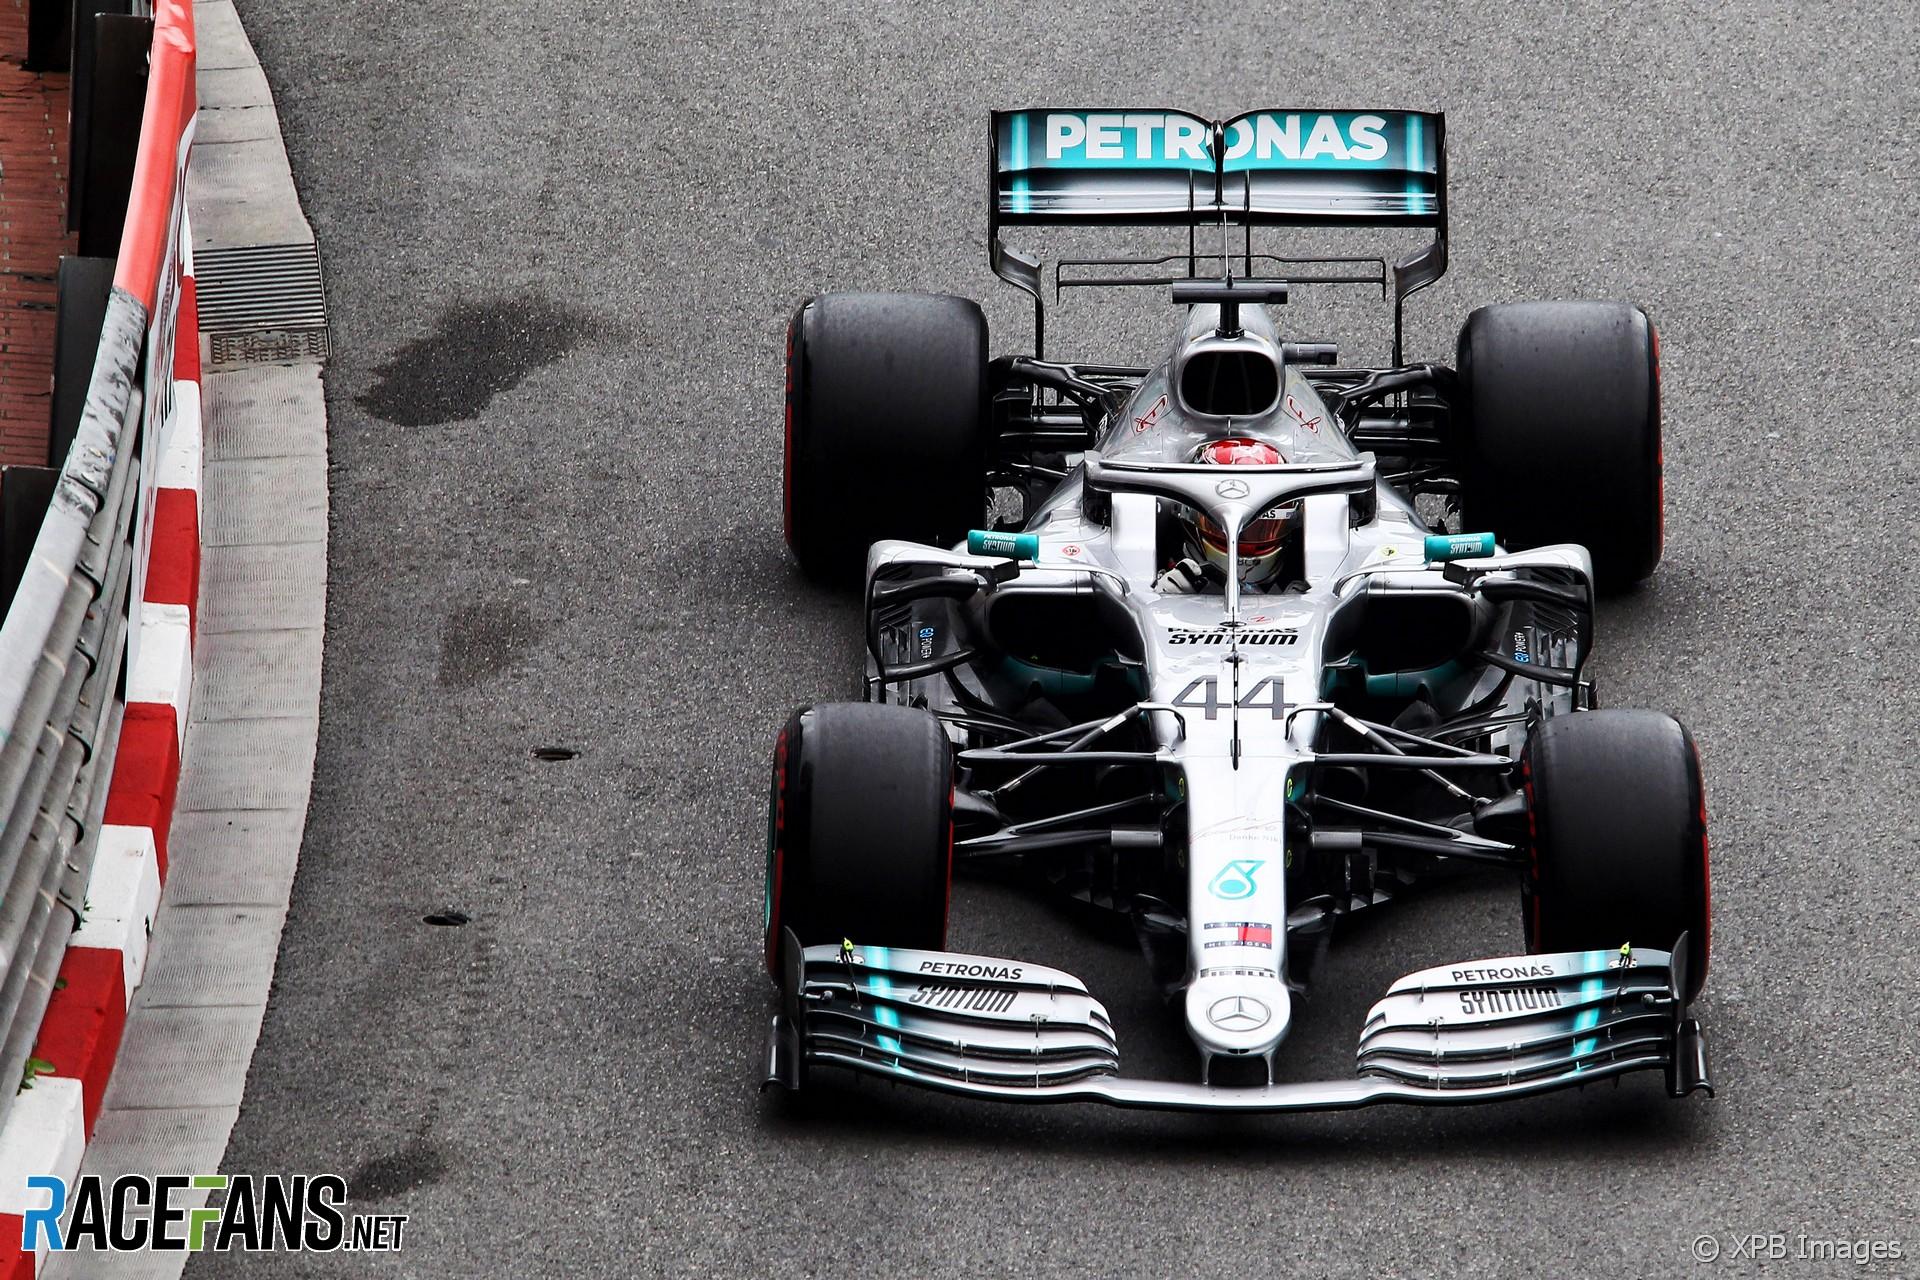 racefansdotnet-20190523-150931-16.jpg